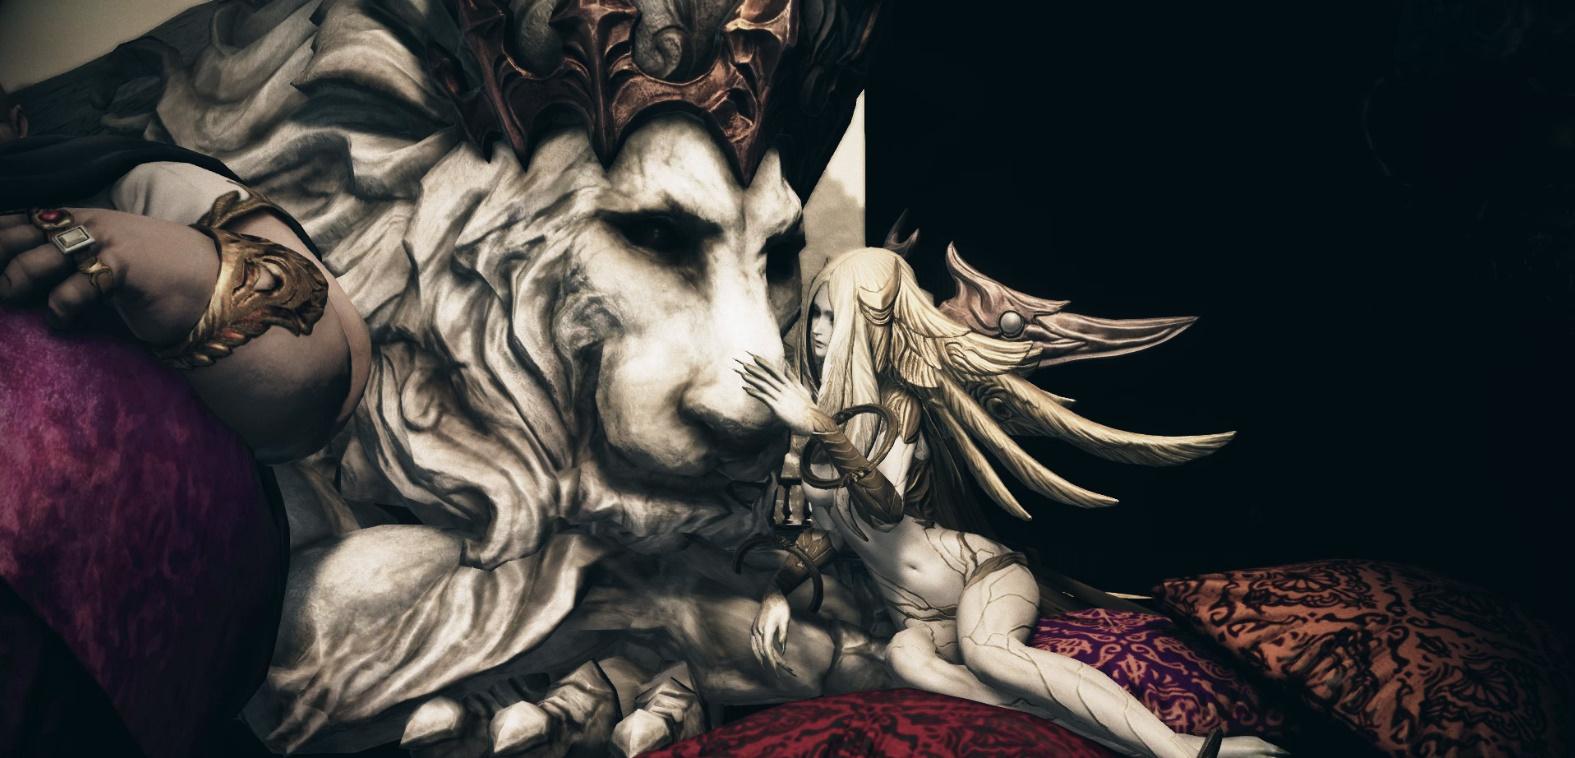 《最终幻想14》公布5.1版本主视觉图